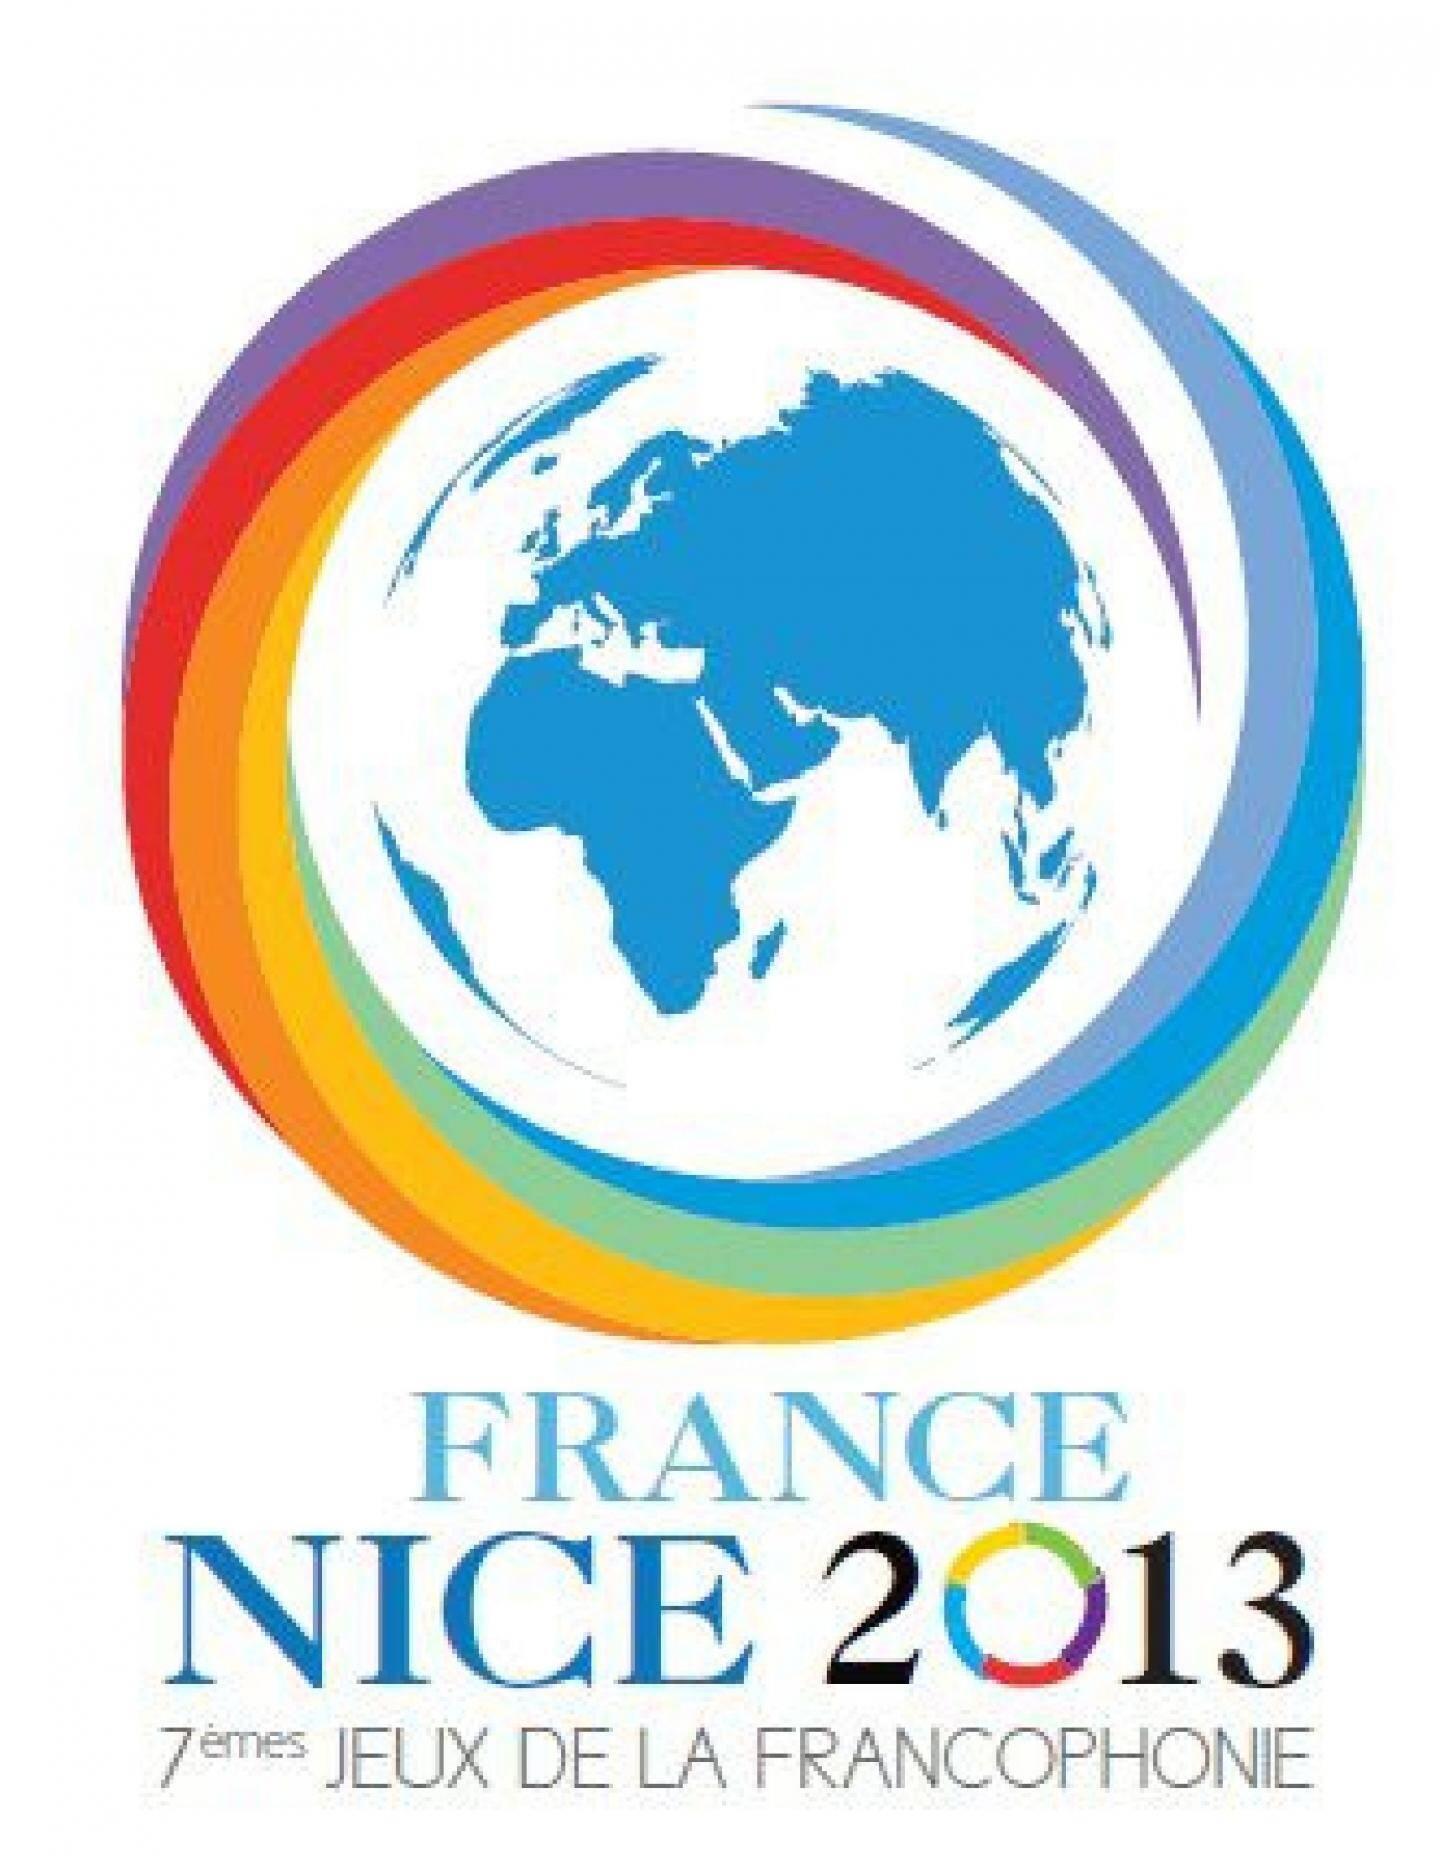 Le logo des Jeux de la Francophonie.